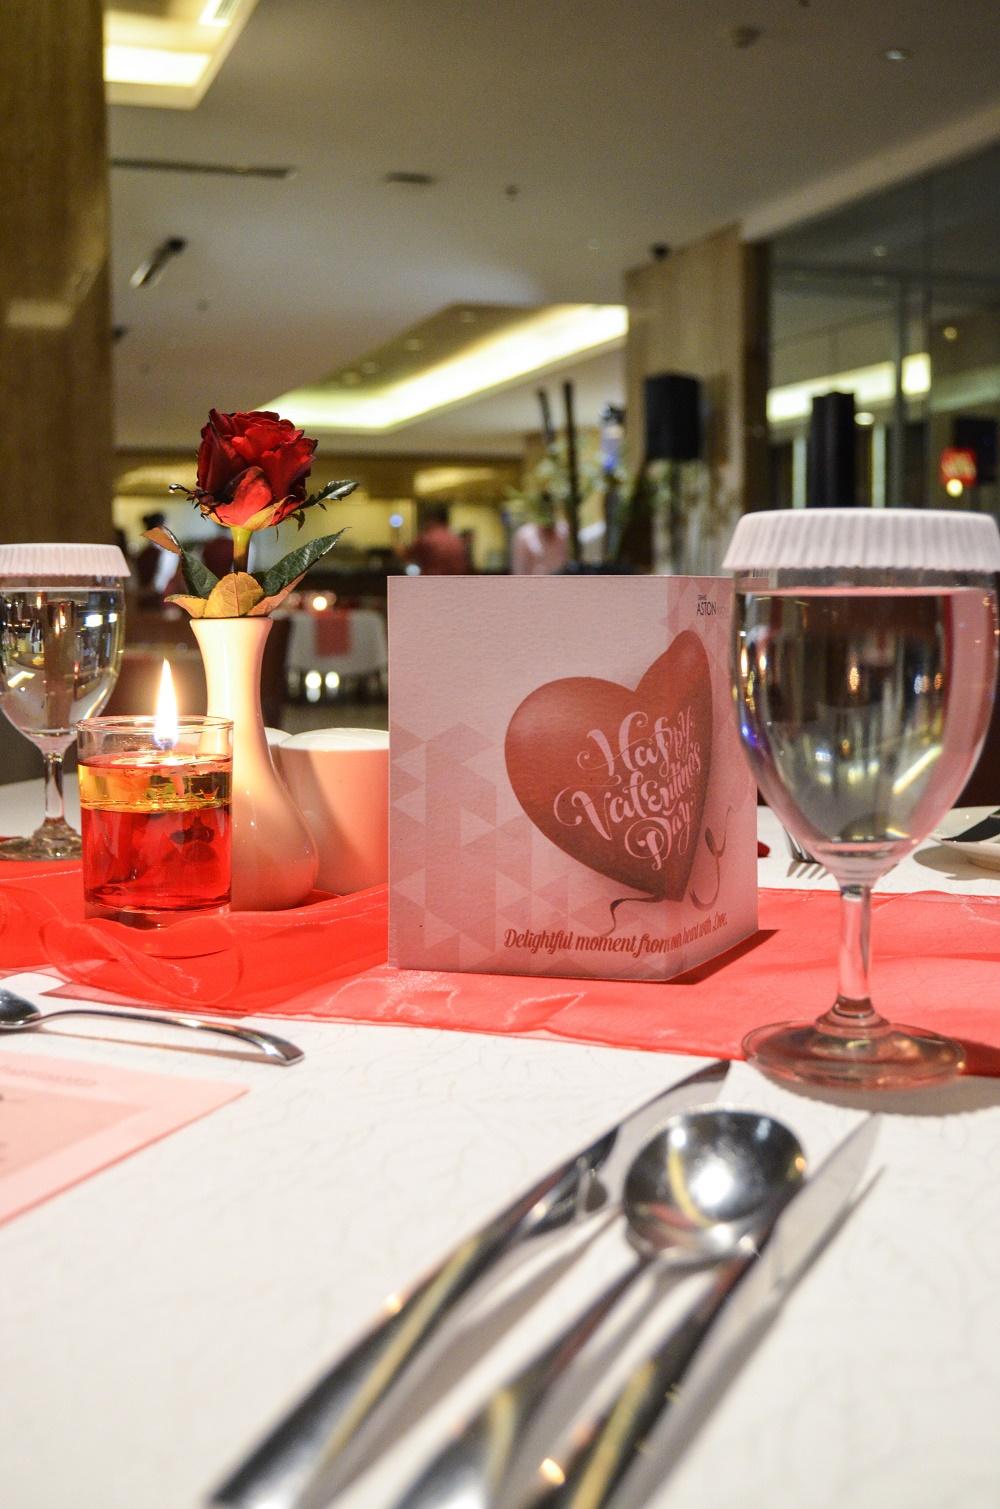 Romantic_Dinner_Image.jpg